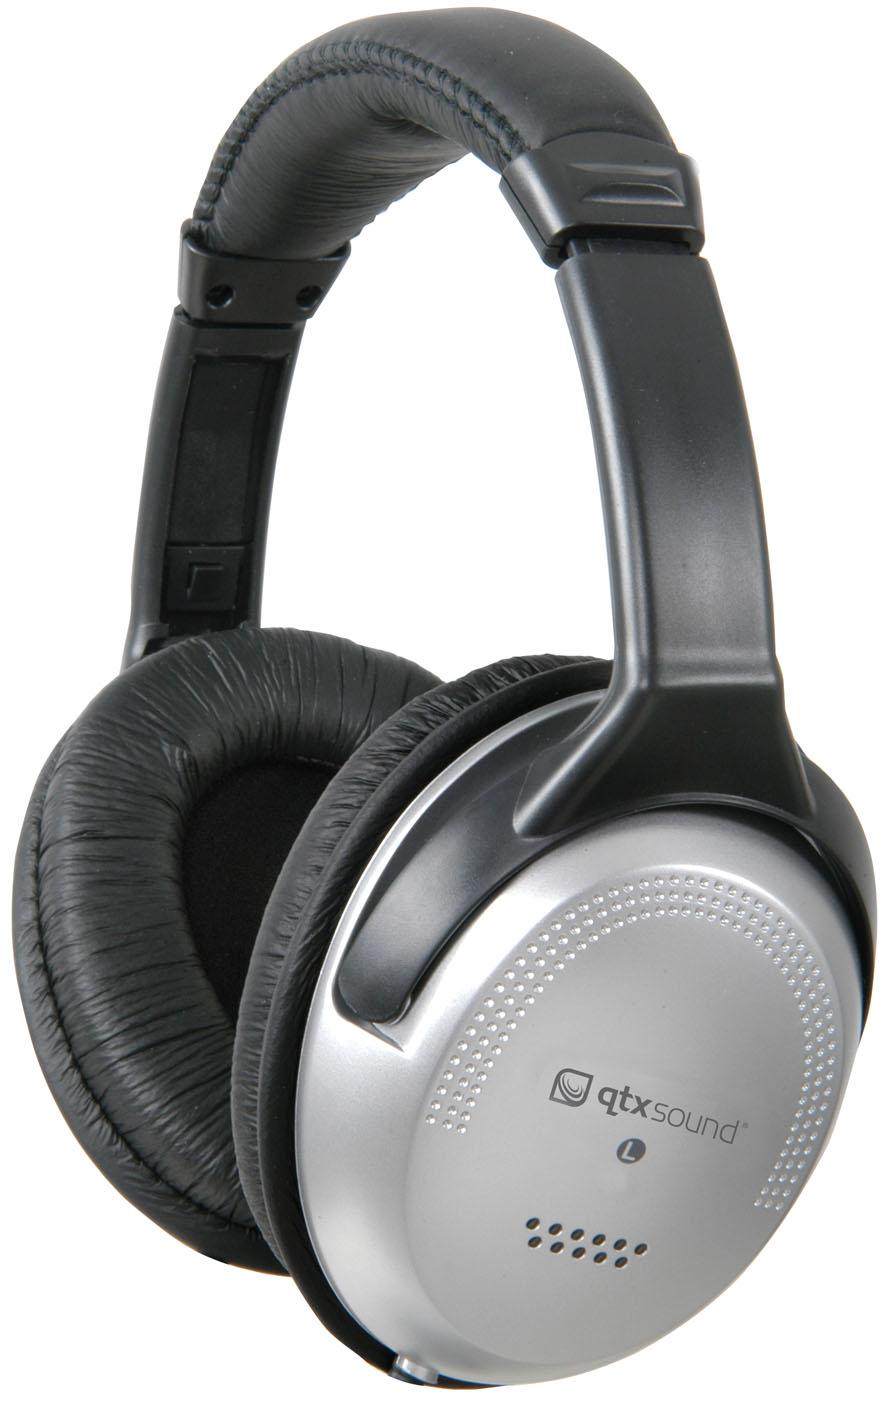 Qtx cuffie stereo con controllo del volume chiusi cup 3 5 - Cuffie traduzione ...